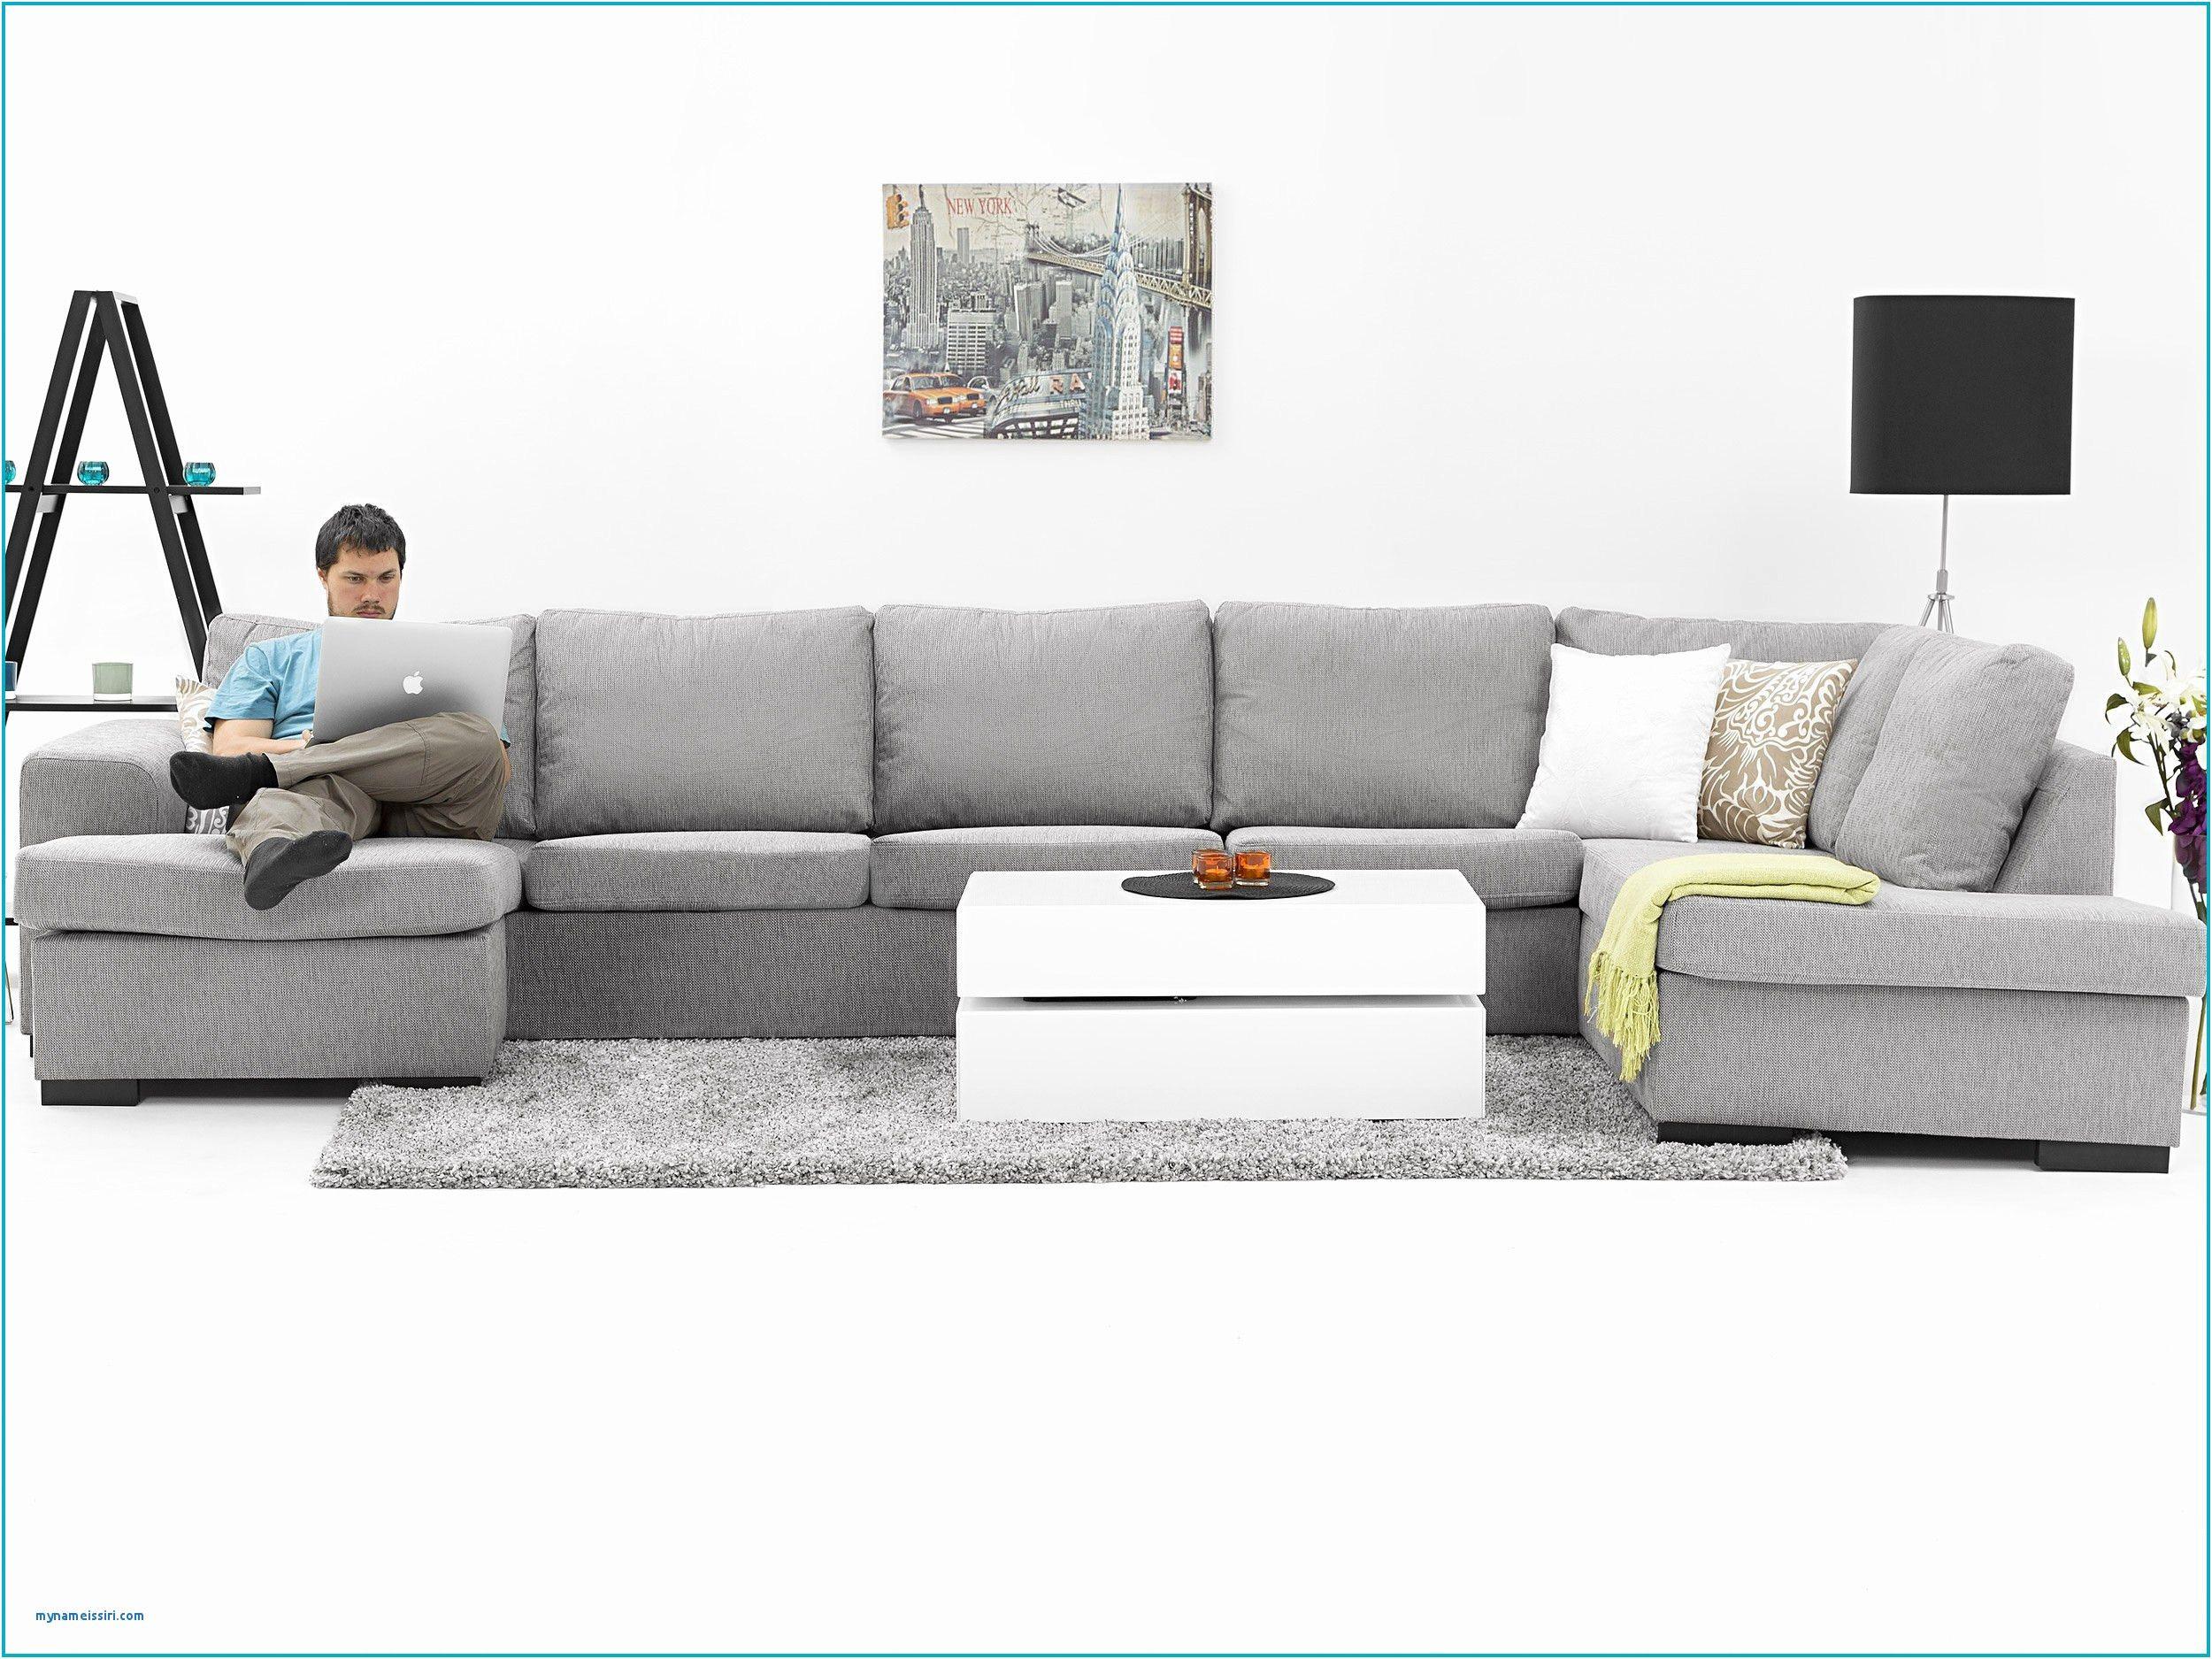 Ecksofa Ebay Kleinanzeigen Neu Big Sofa Ebay Nt07 Grosse Sofas Moderne Couch Big Sofa Kaufen